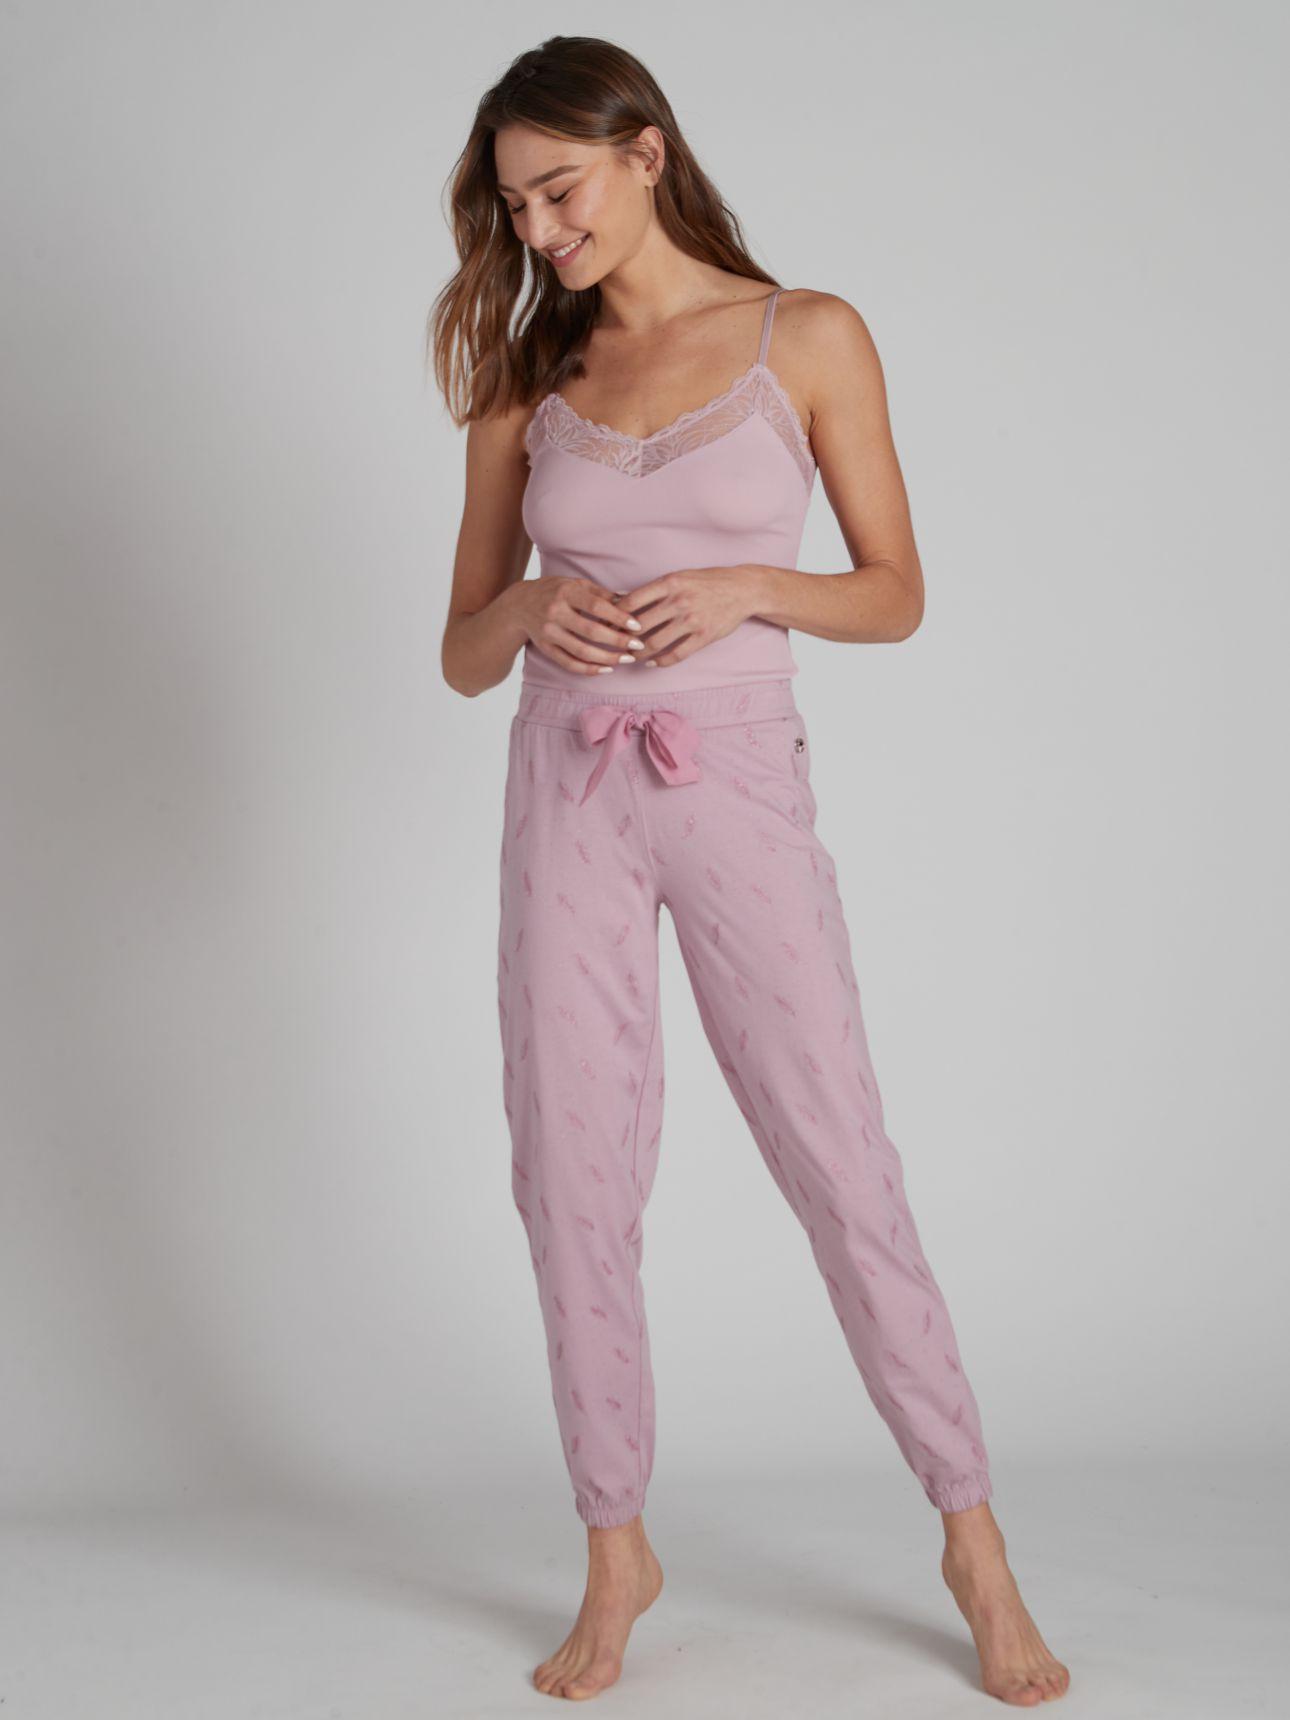 מכנסיים ארוכים FEATHERS בצבע סגול